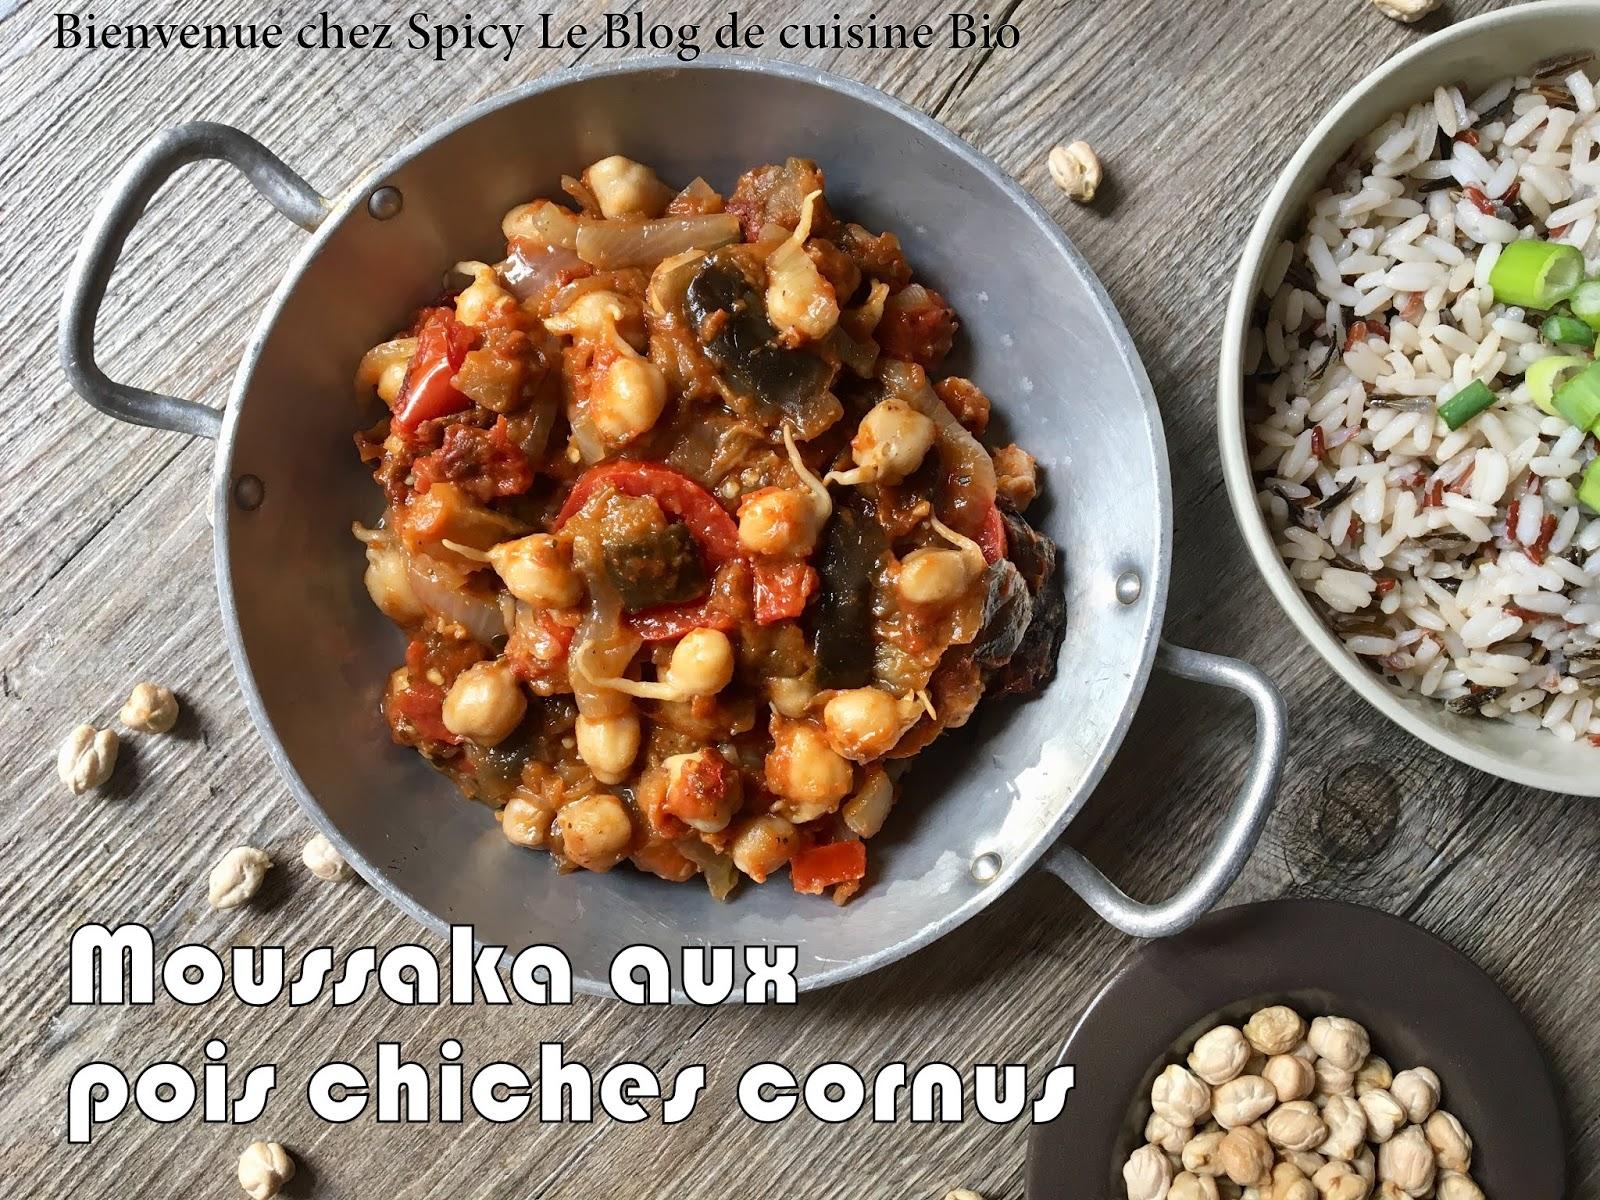 Bienvenue Chez Spicy - Cuisine végétarienne blog